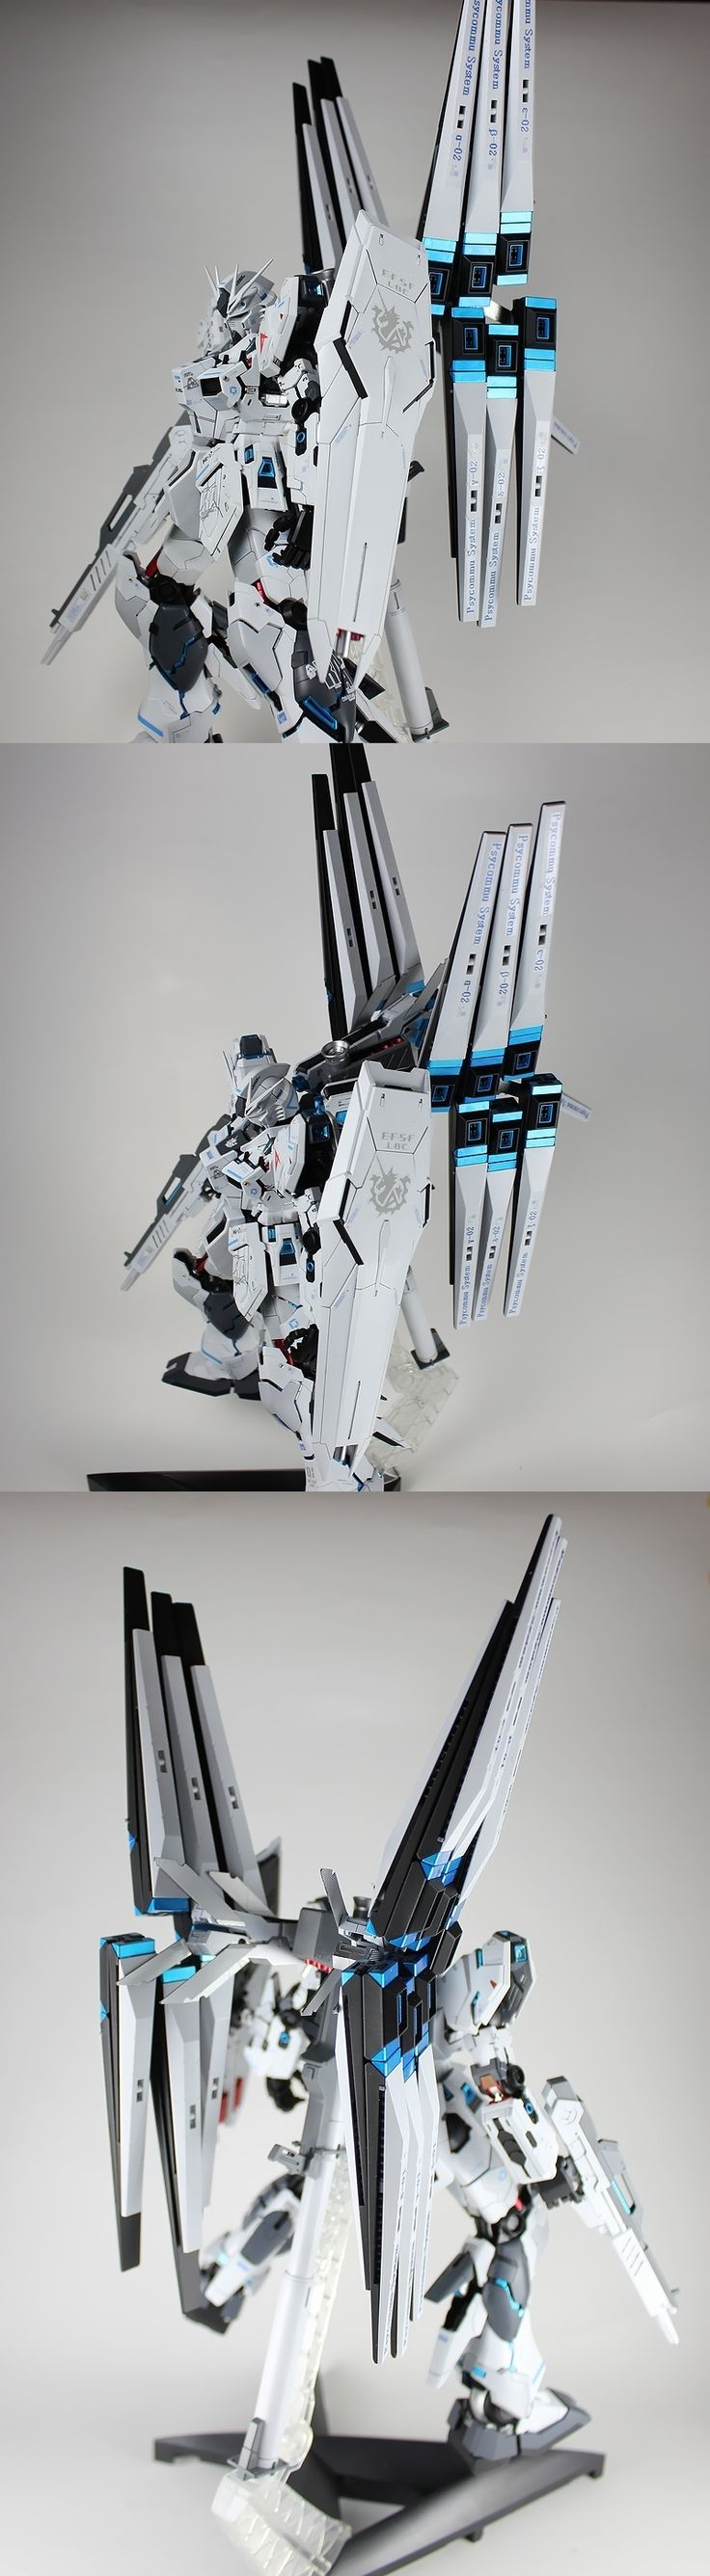 ν Gundam   asjkdahksdjhasdAHHHHAHRAHAFAGGHHHHHHHHHHHHH!!!!!  pure awesomeness